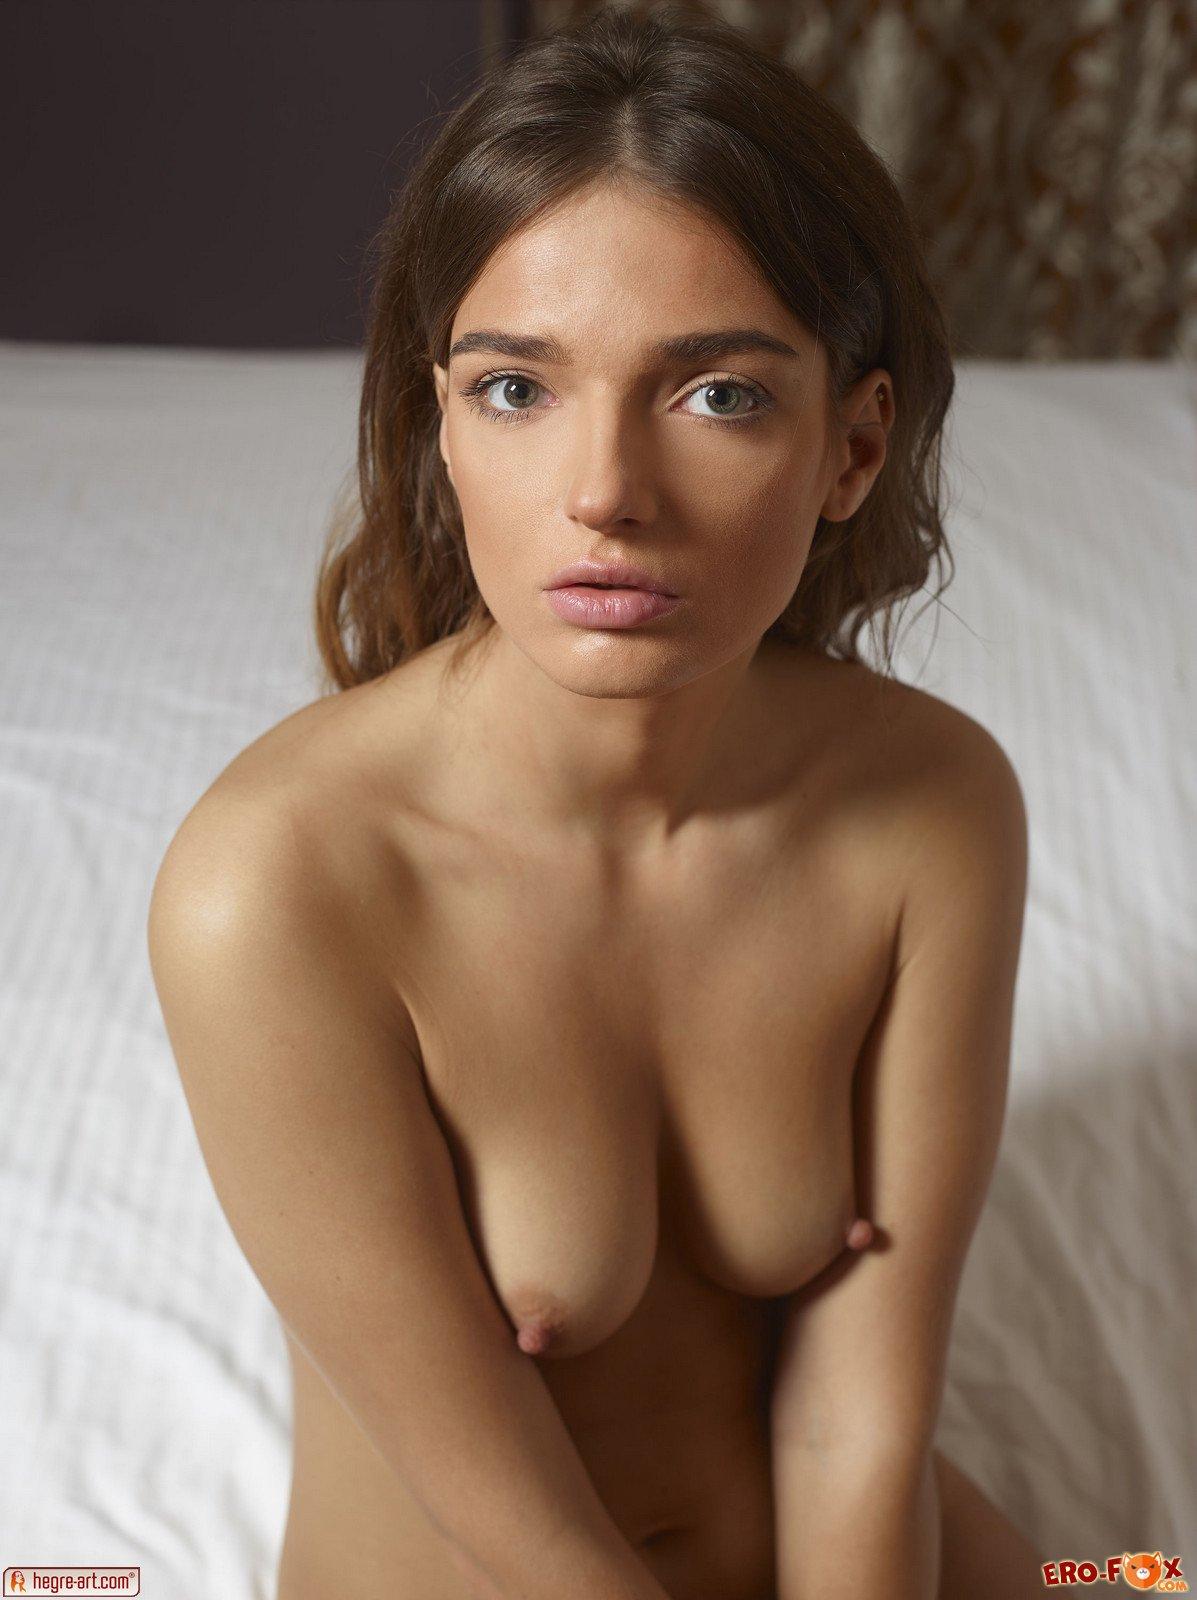 Голая девушка с красивой попкой в постели